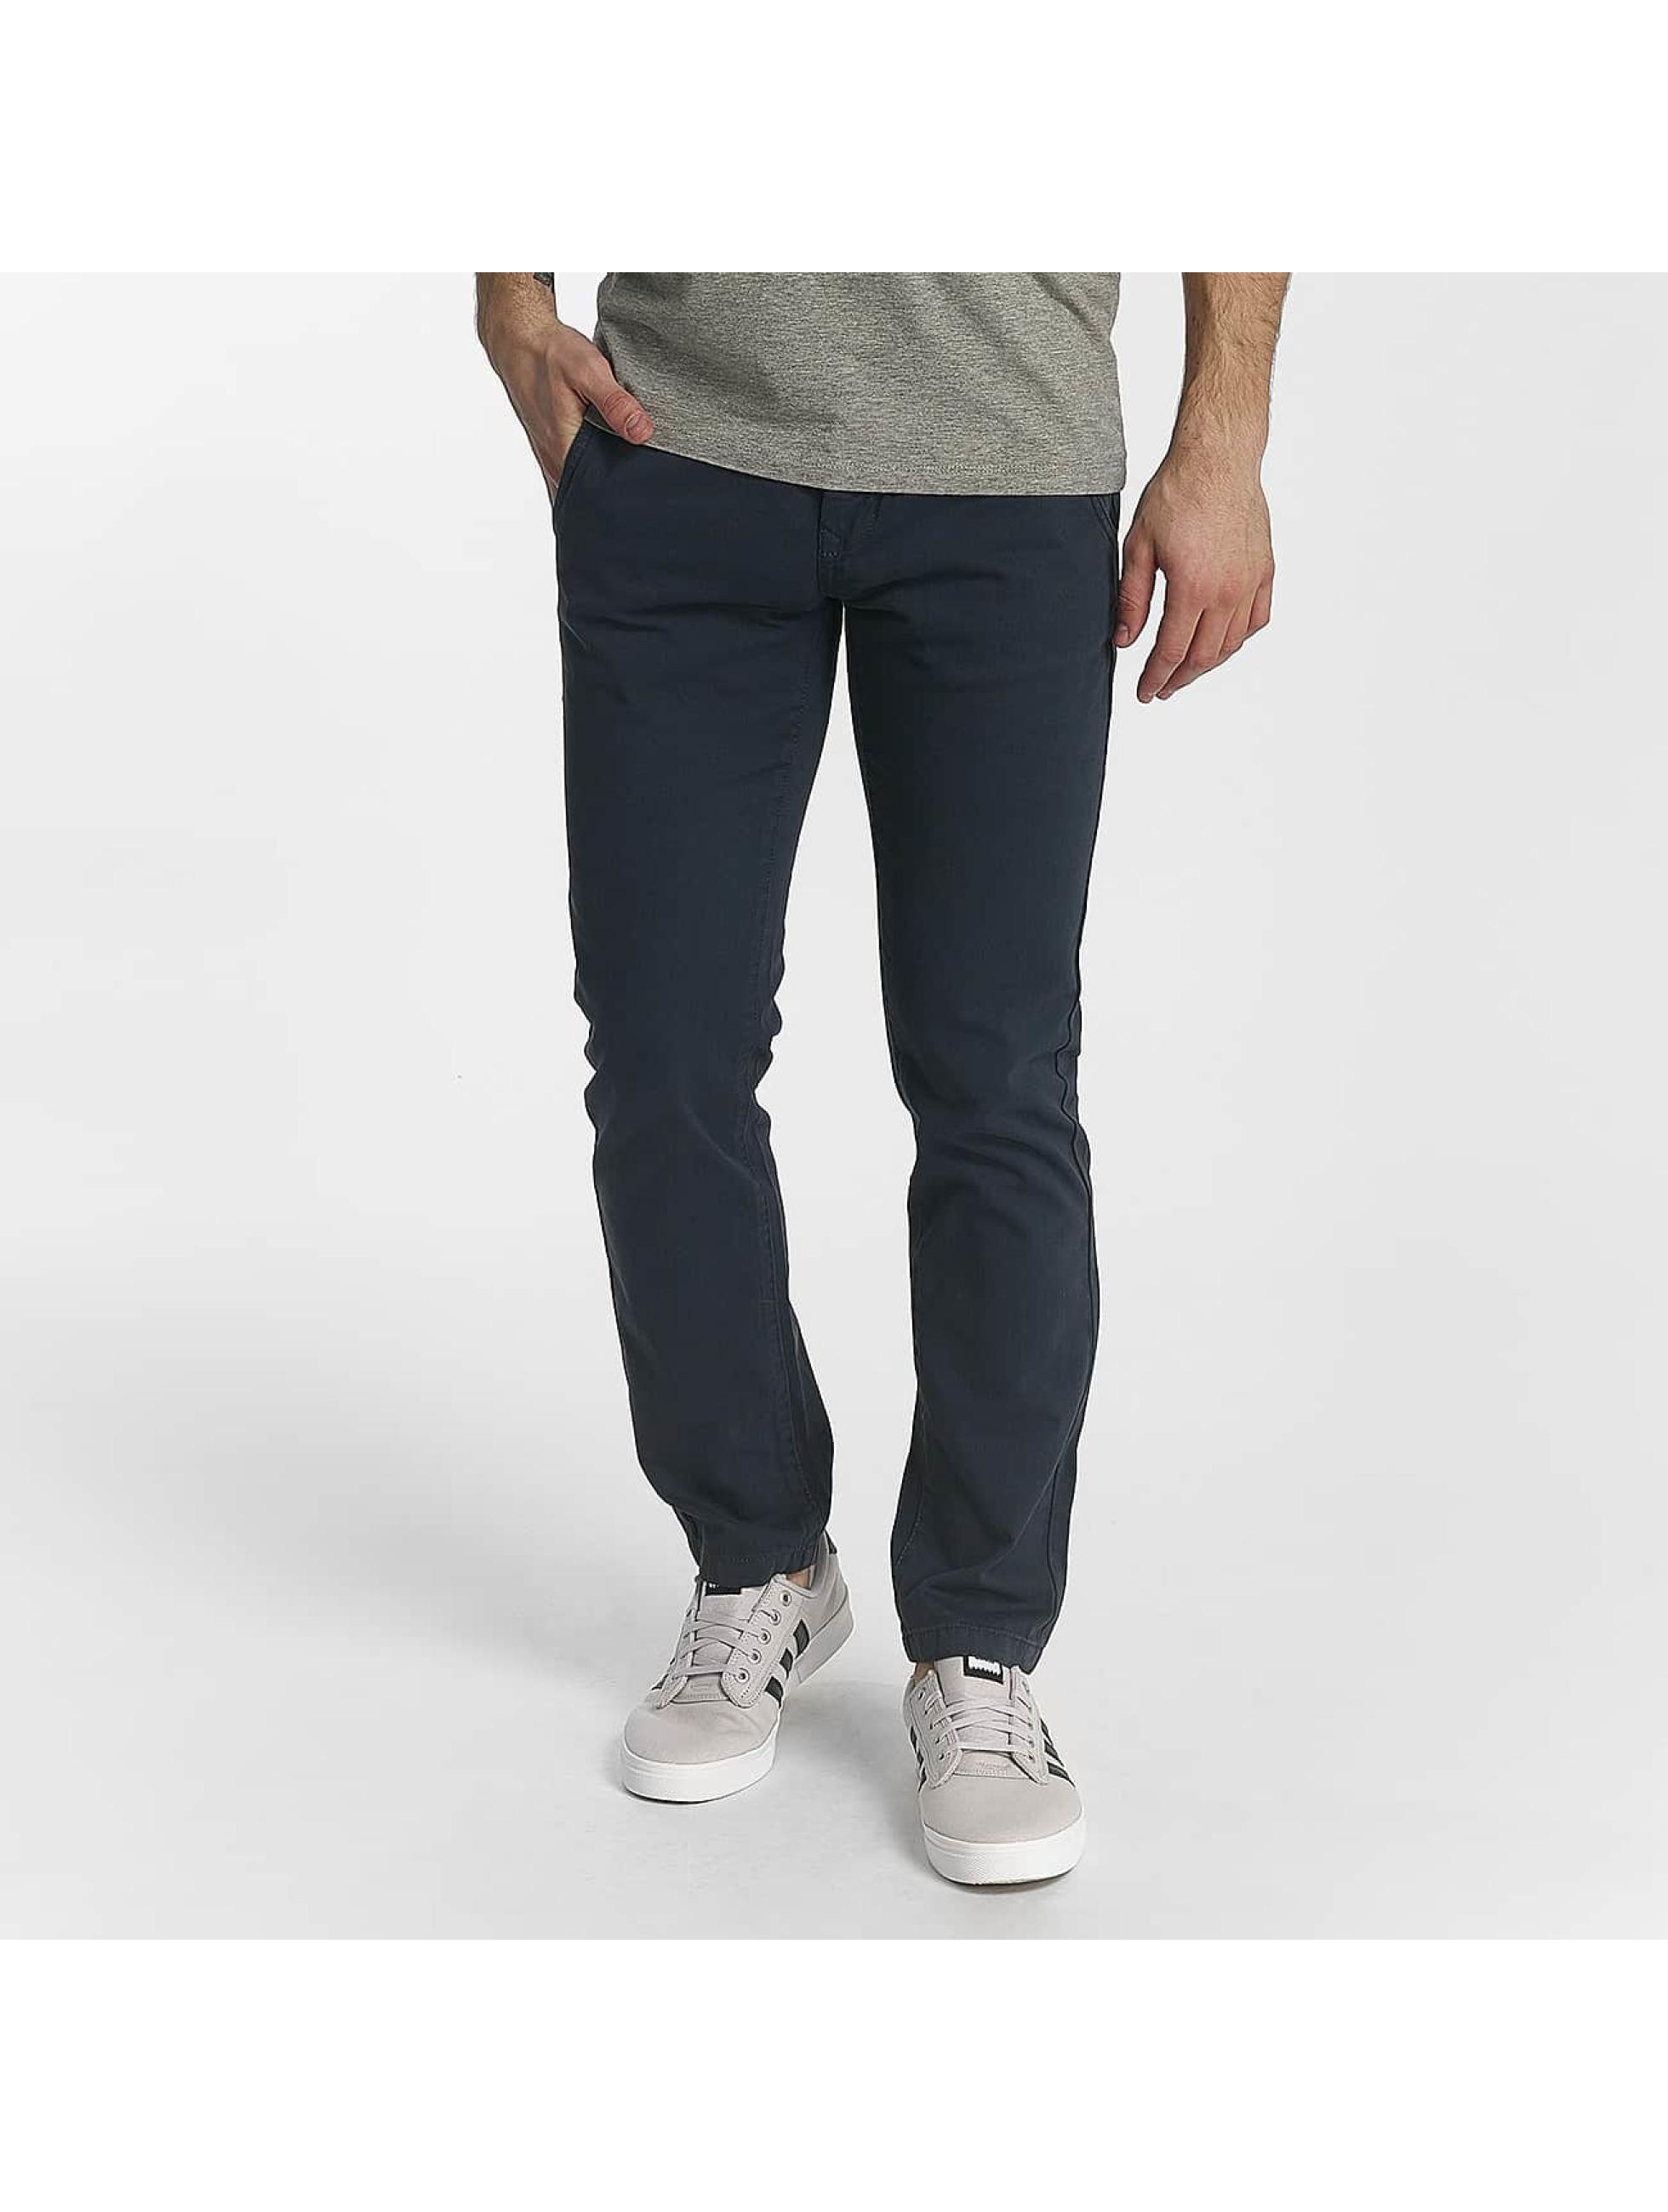 SHINE Original Pantalon chino Abdul bleu